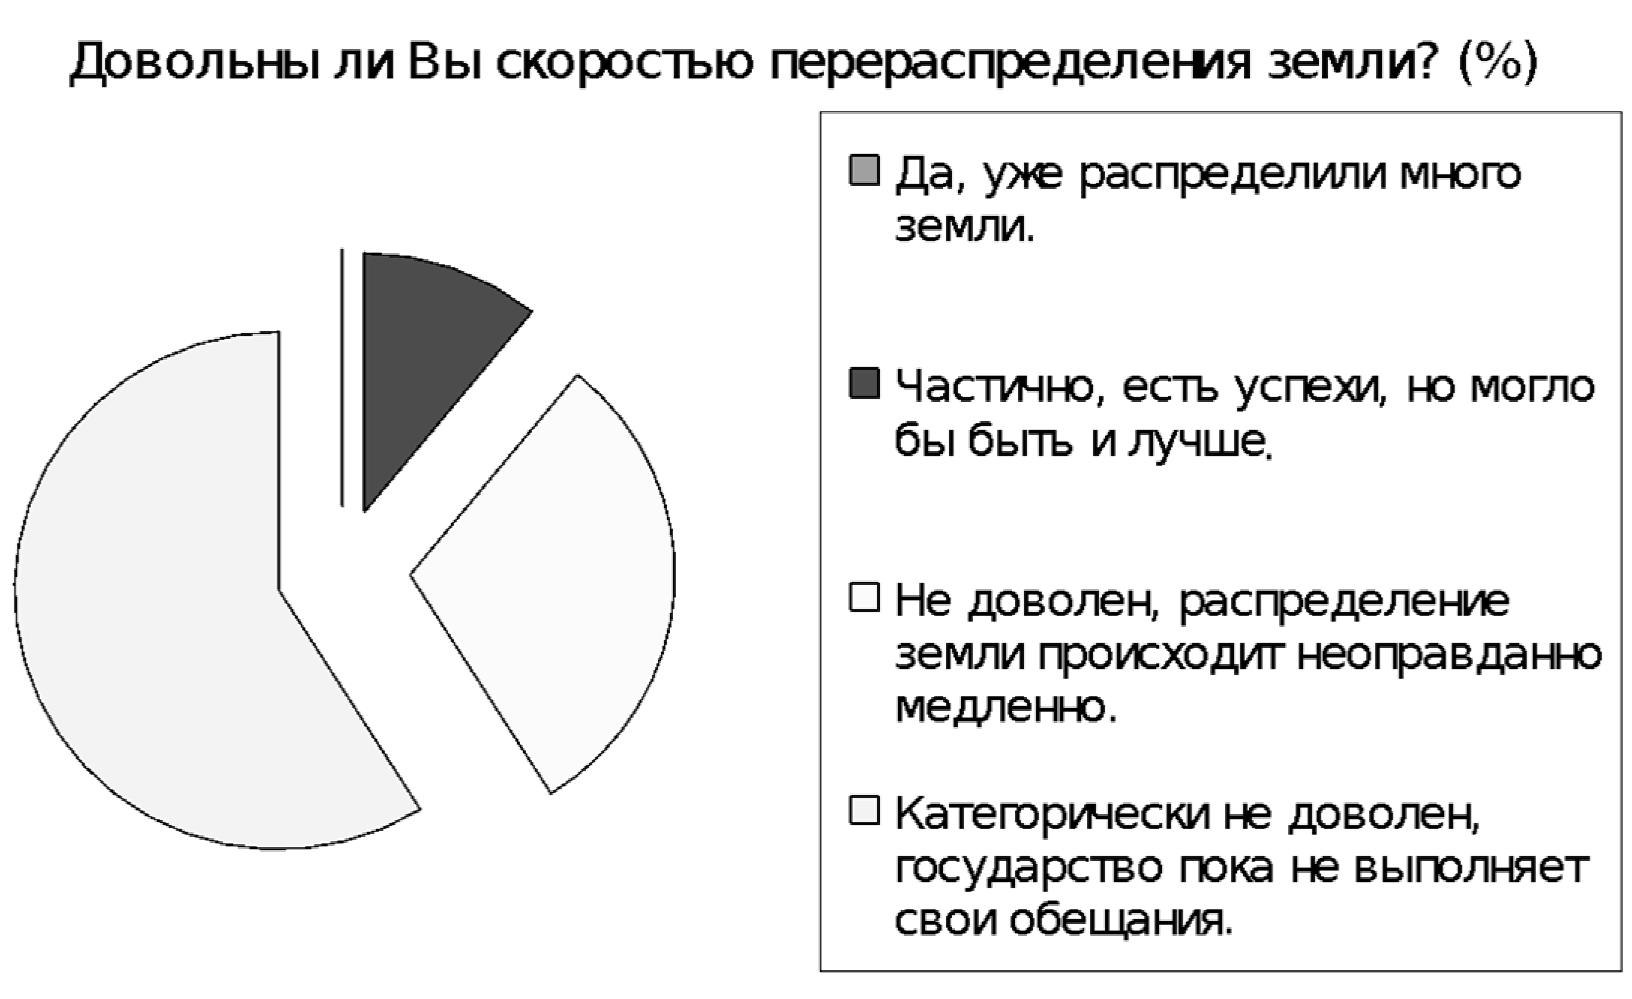 Диаграмма. Результаты опроса прихожан церкви (100 чел.).